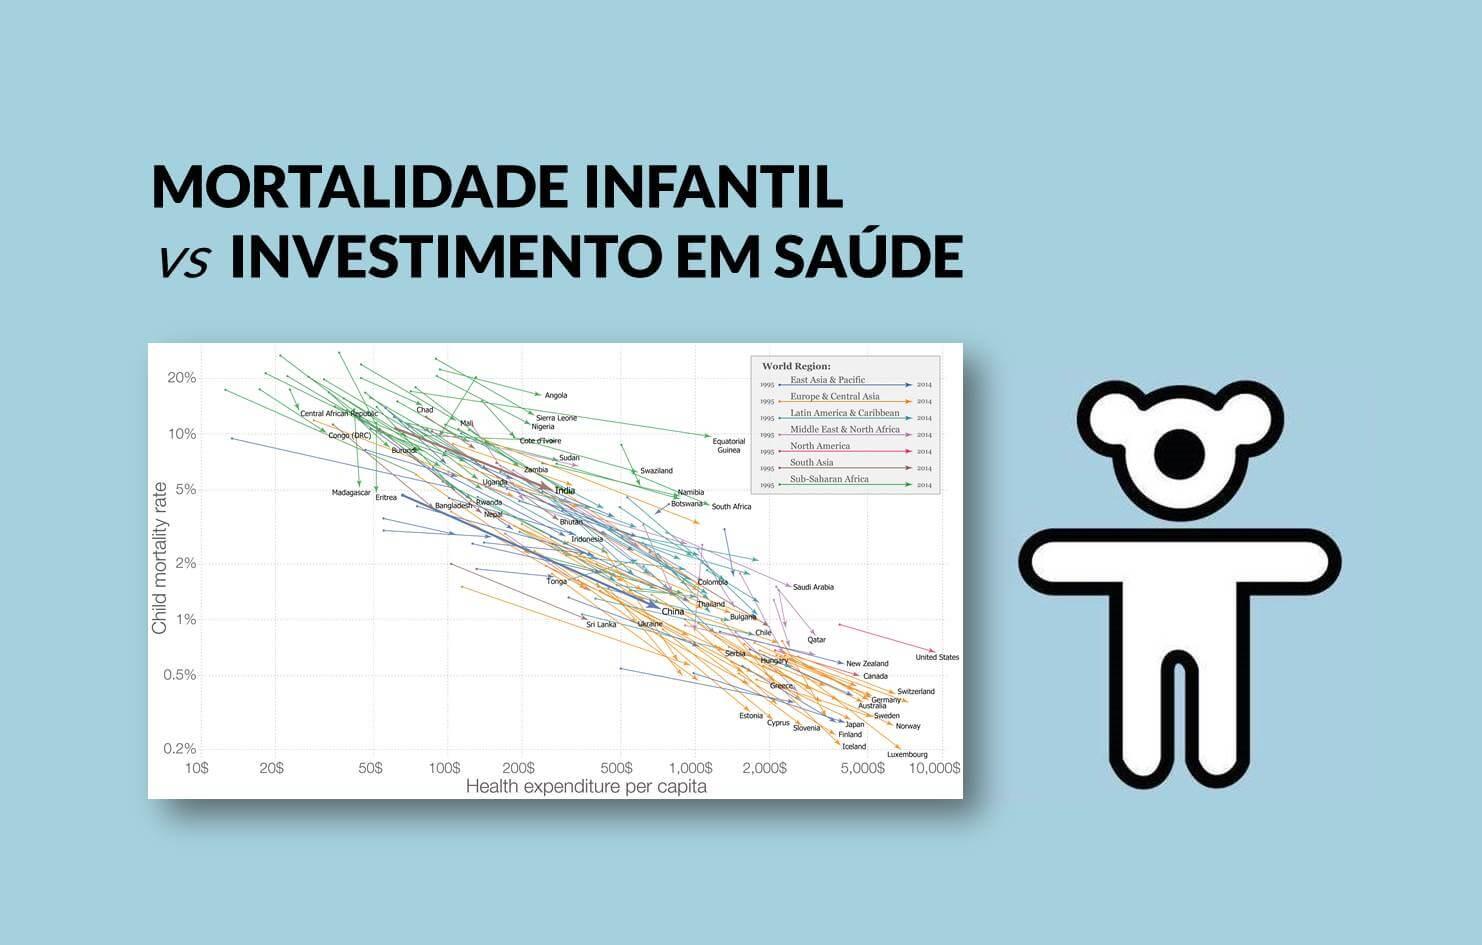 Veja como é fortíssima a relação entre gastos em saúde e queda da mortalidade infantil